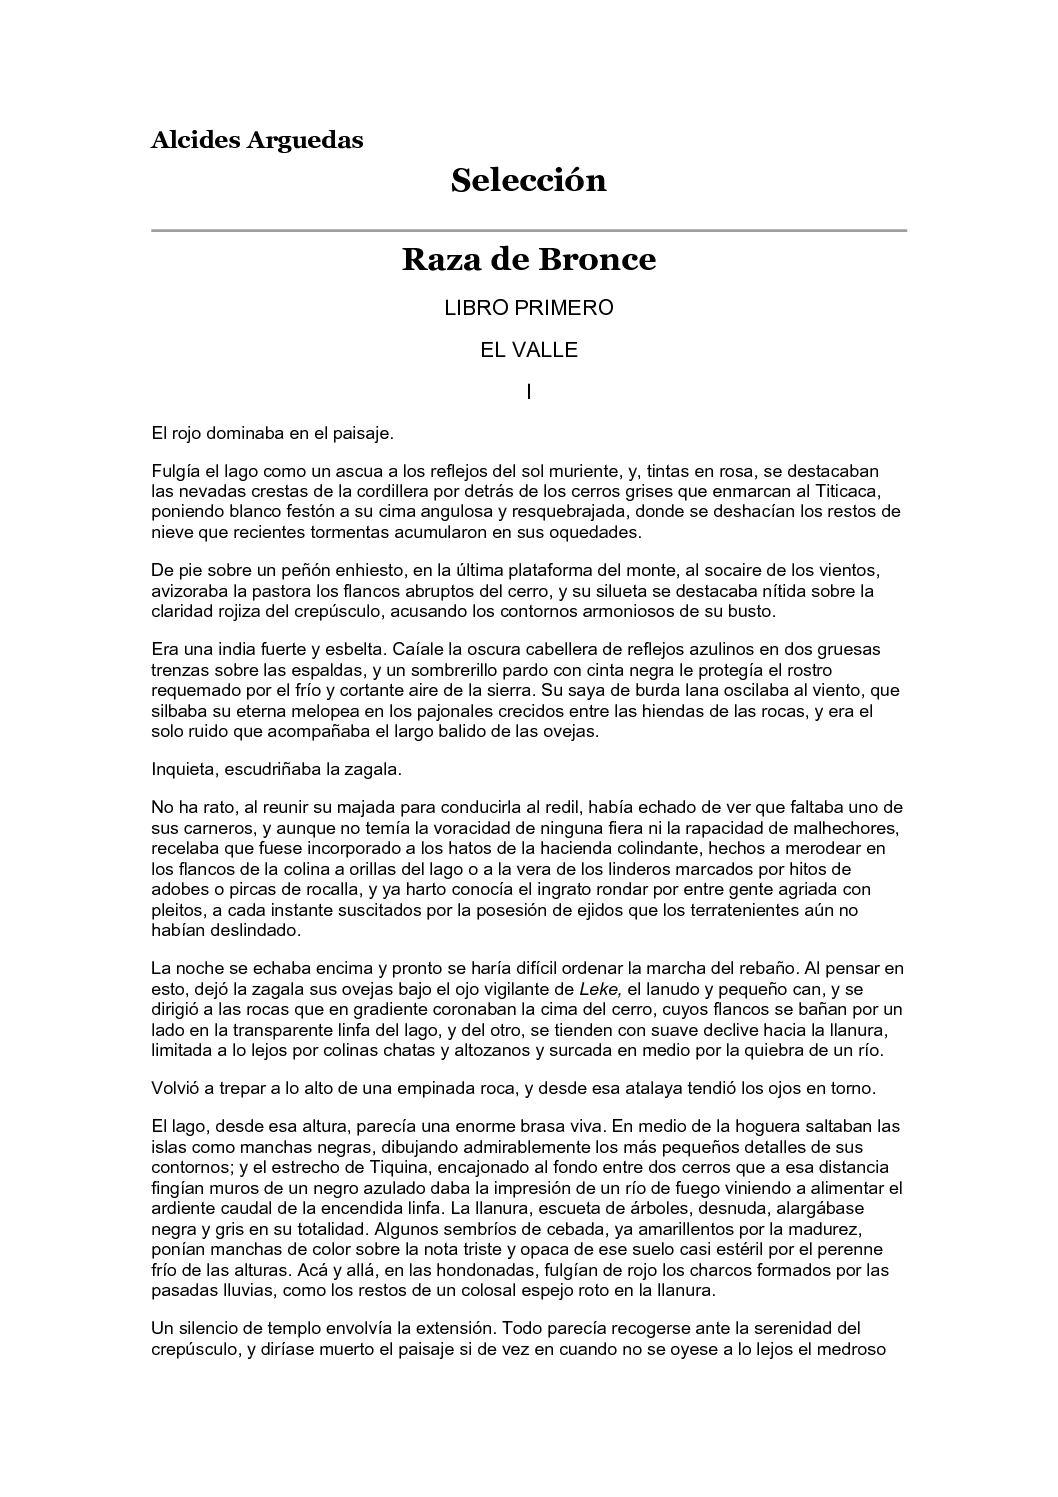 Calaméo - Arguedas, Alcides - Raza de bronce